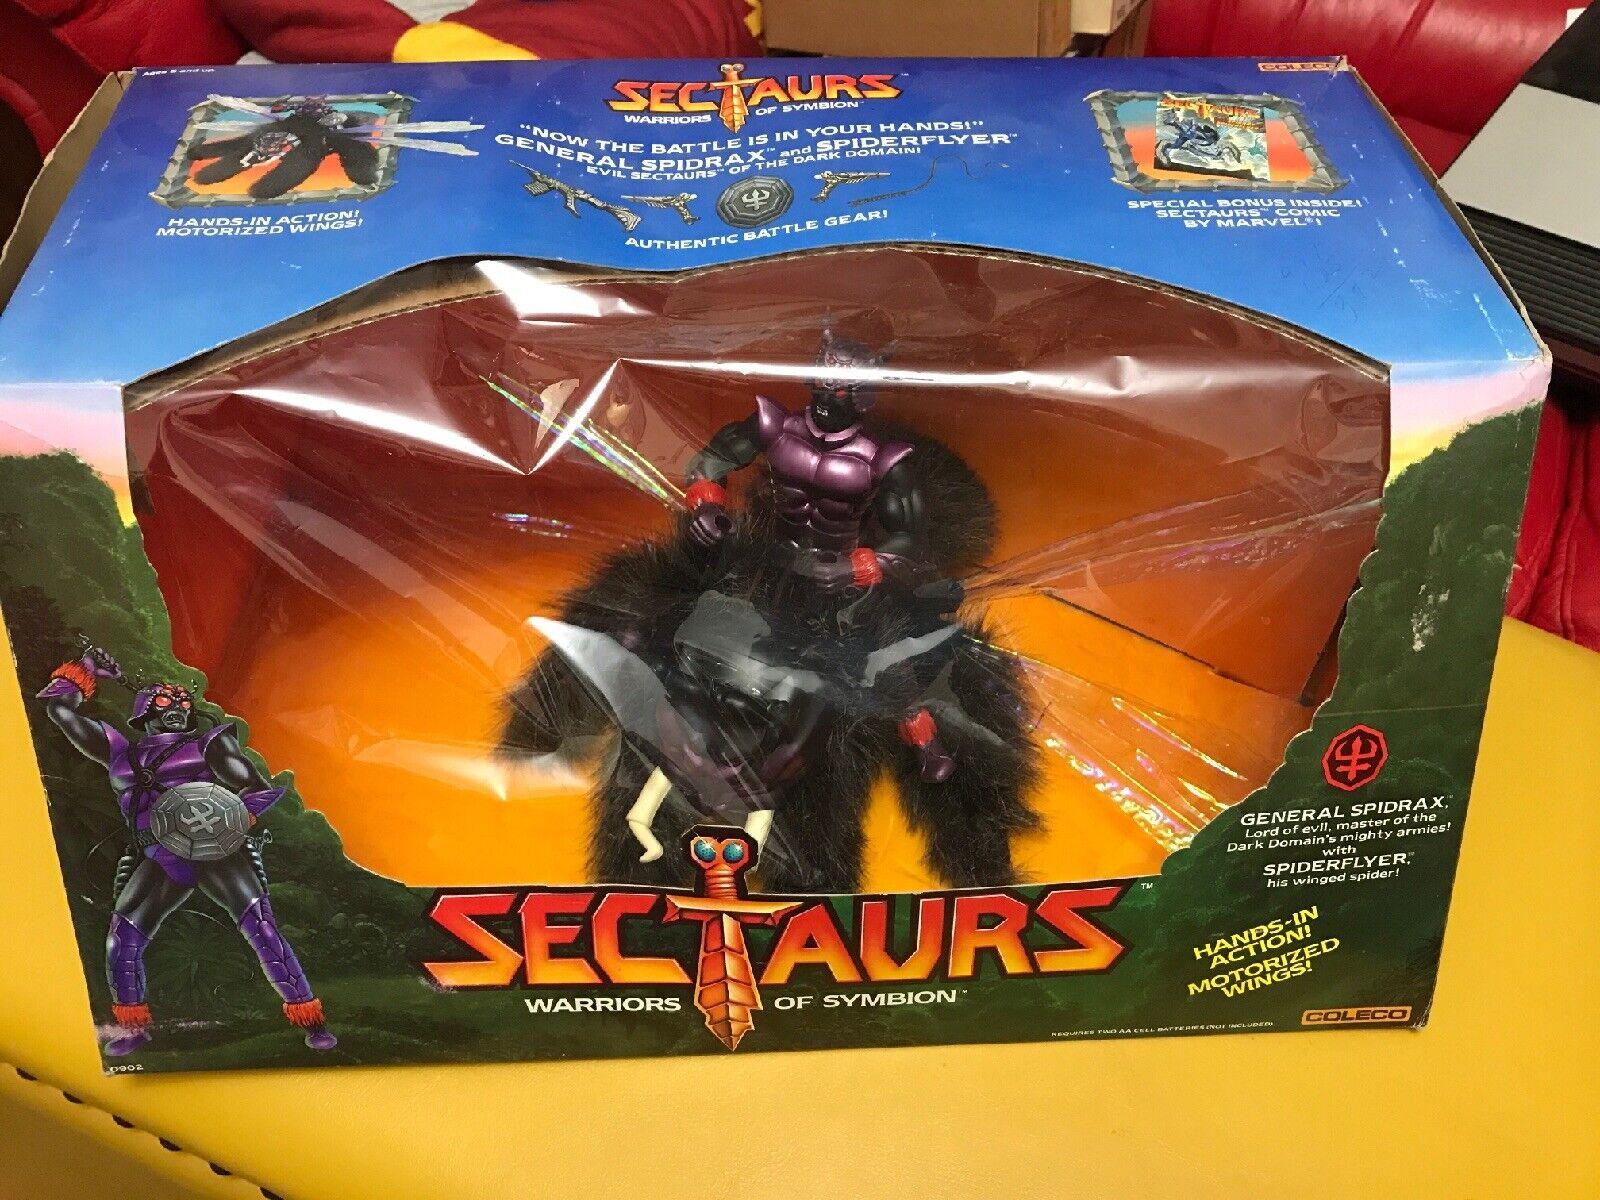 Sectaurs general spidrax con spiderflyer Menta en caja sellada Coleco 1984 Menta en Caja Sellada